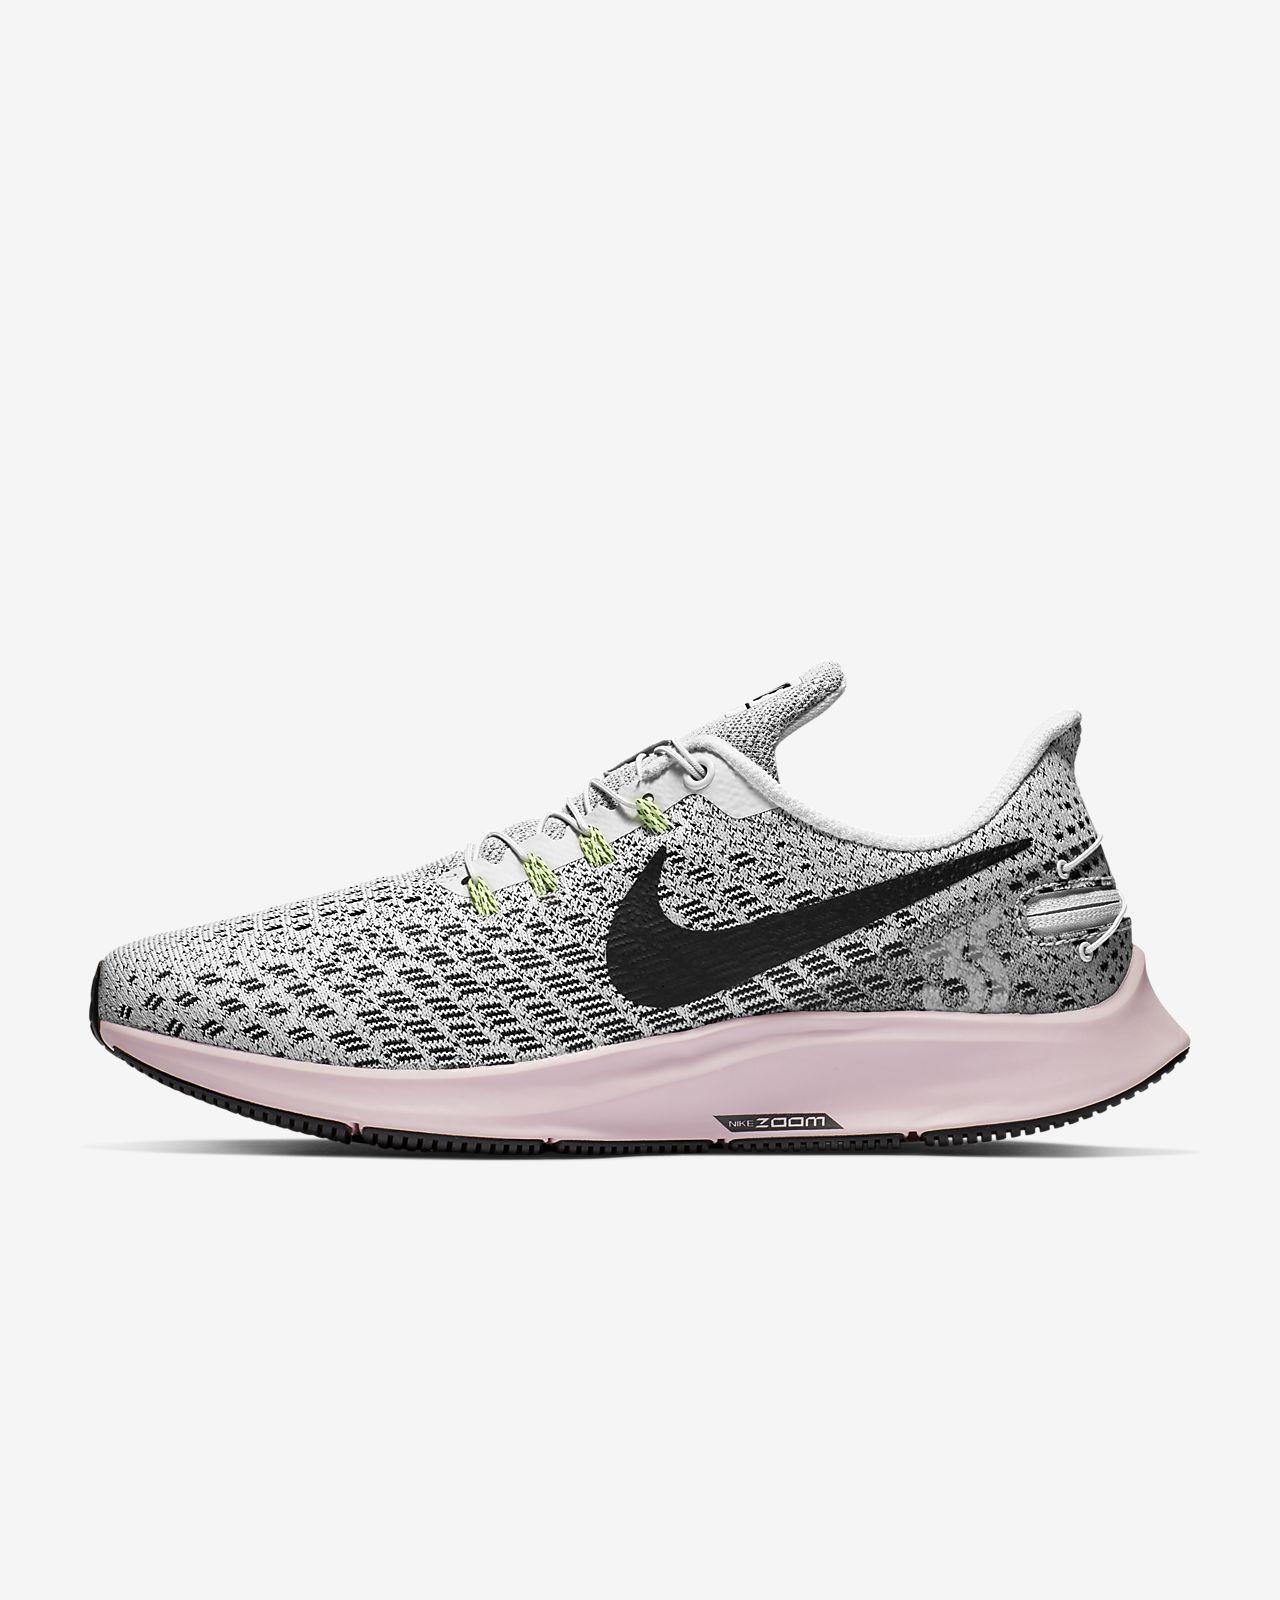 Nike Air Zoom Pegasus 35 FlyEase løpesko til dame